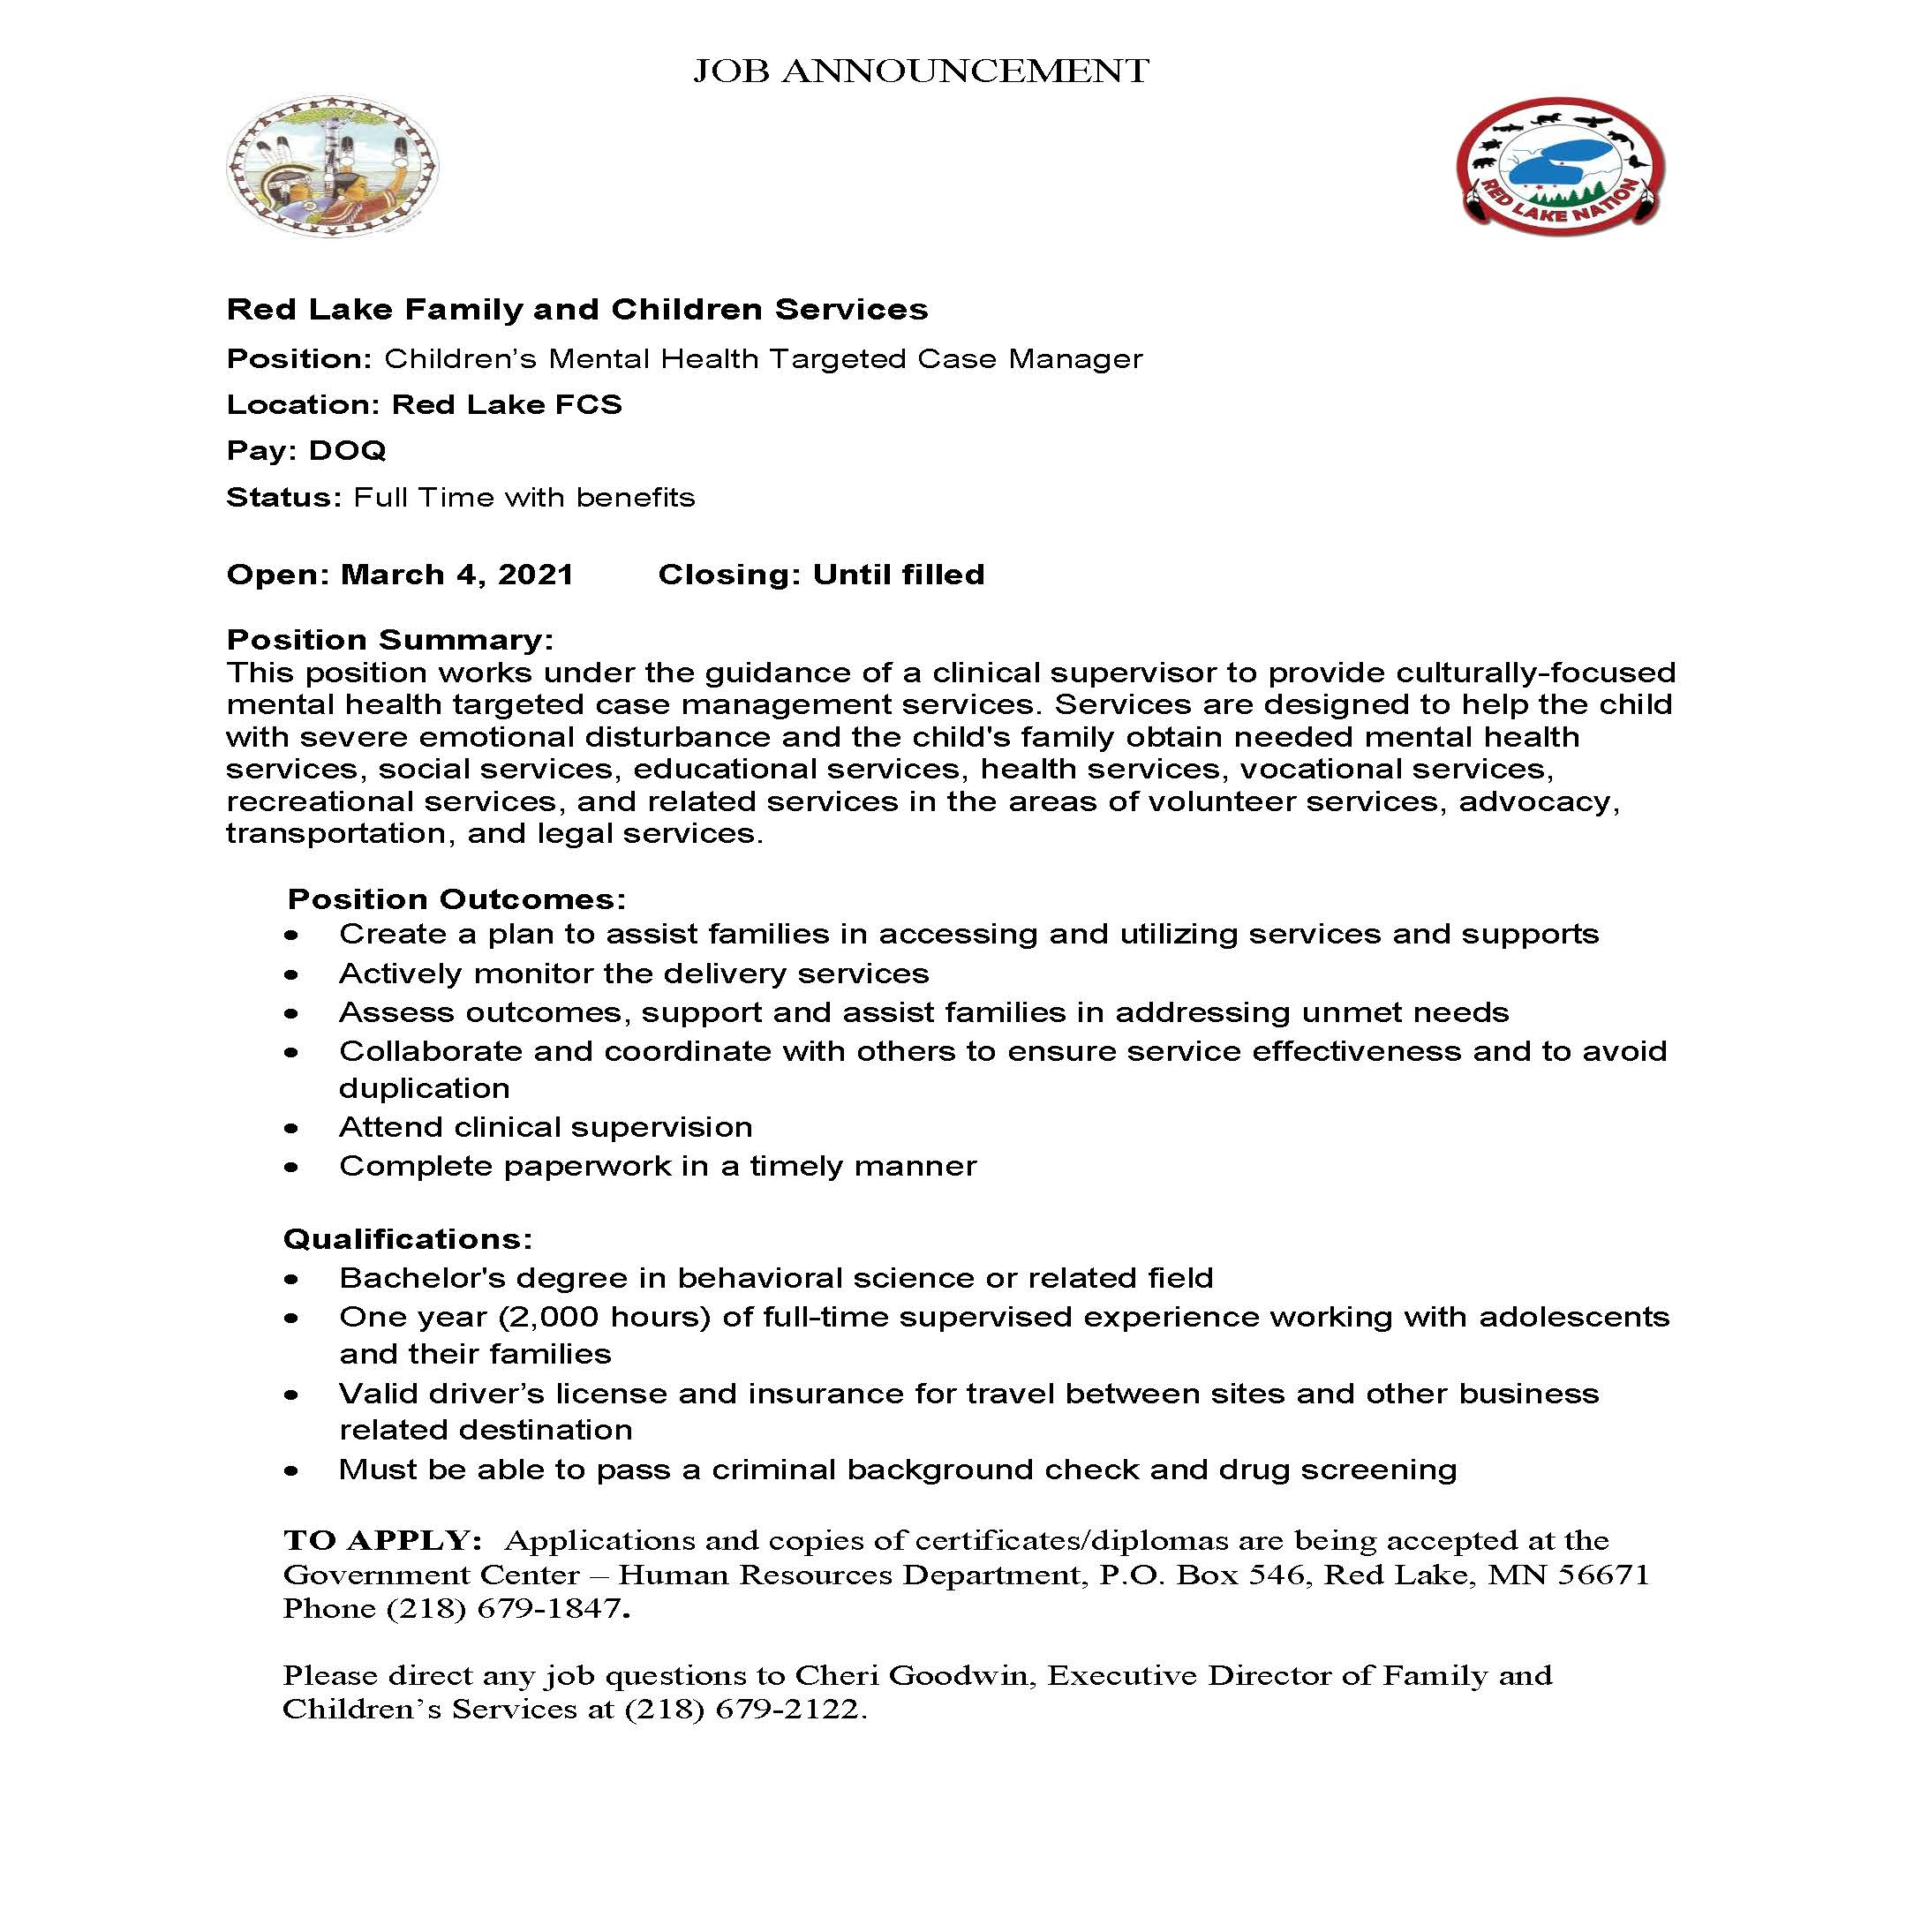 Childrens Mental Health Targeted Case Manager-FCS- Job Posting 3-4-2021